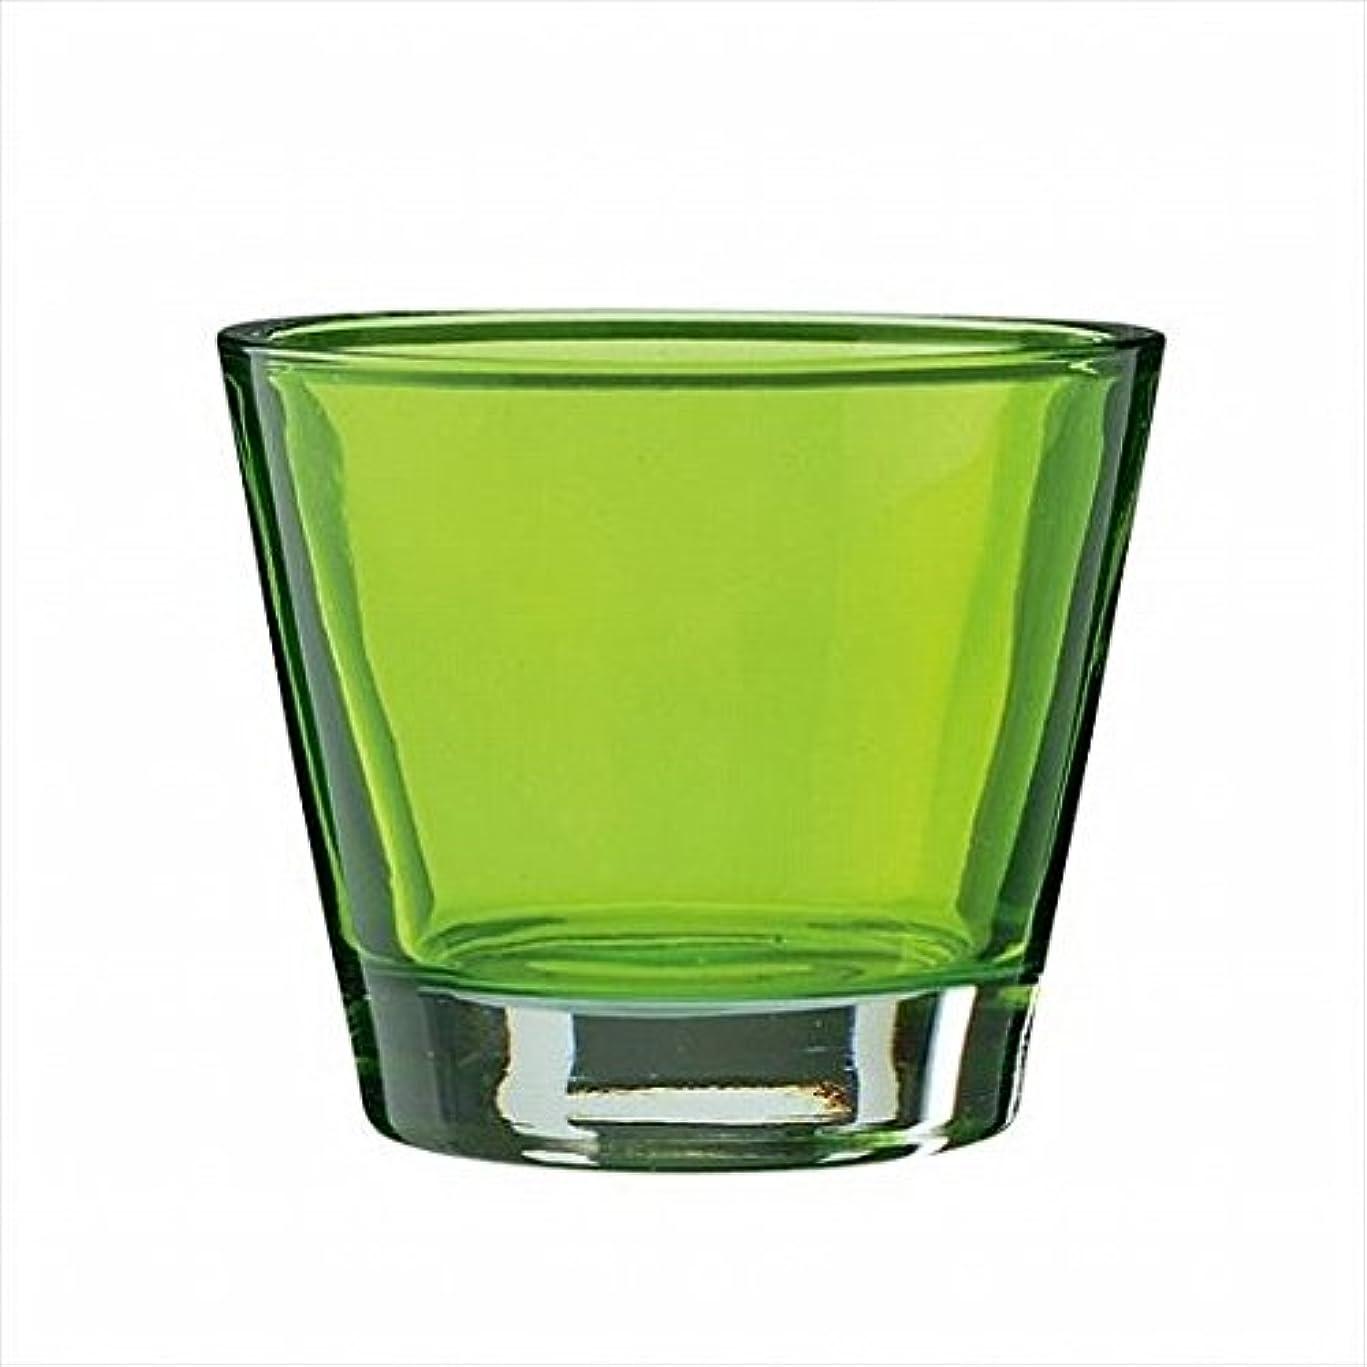 感嘆バイオレット十分ですkameyama candle(カメヤマキャンドル) カラリス 「 グリーン 」 キャンドル 82x82x70mm (J2540000G)